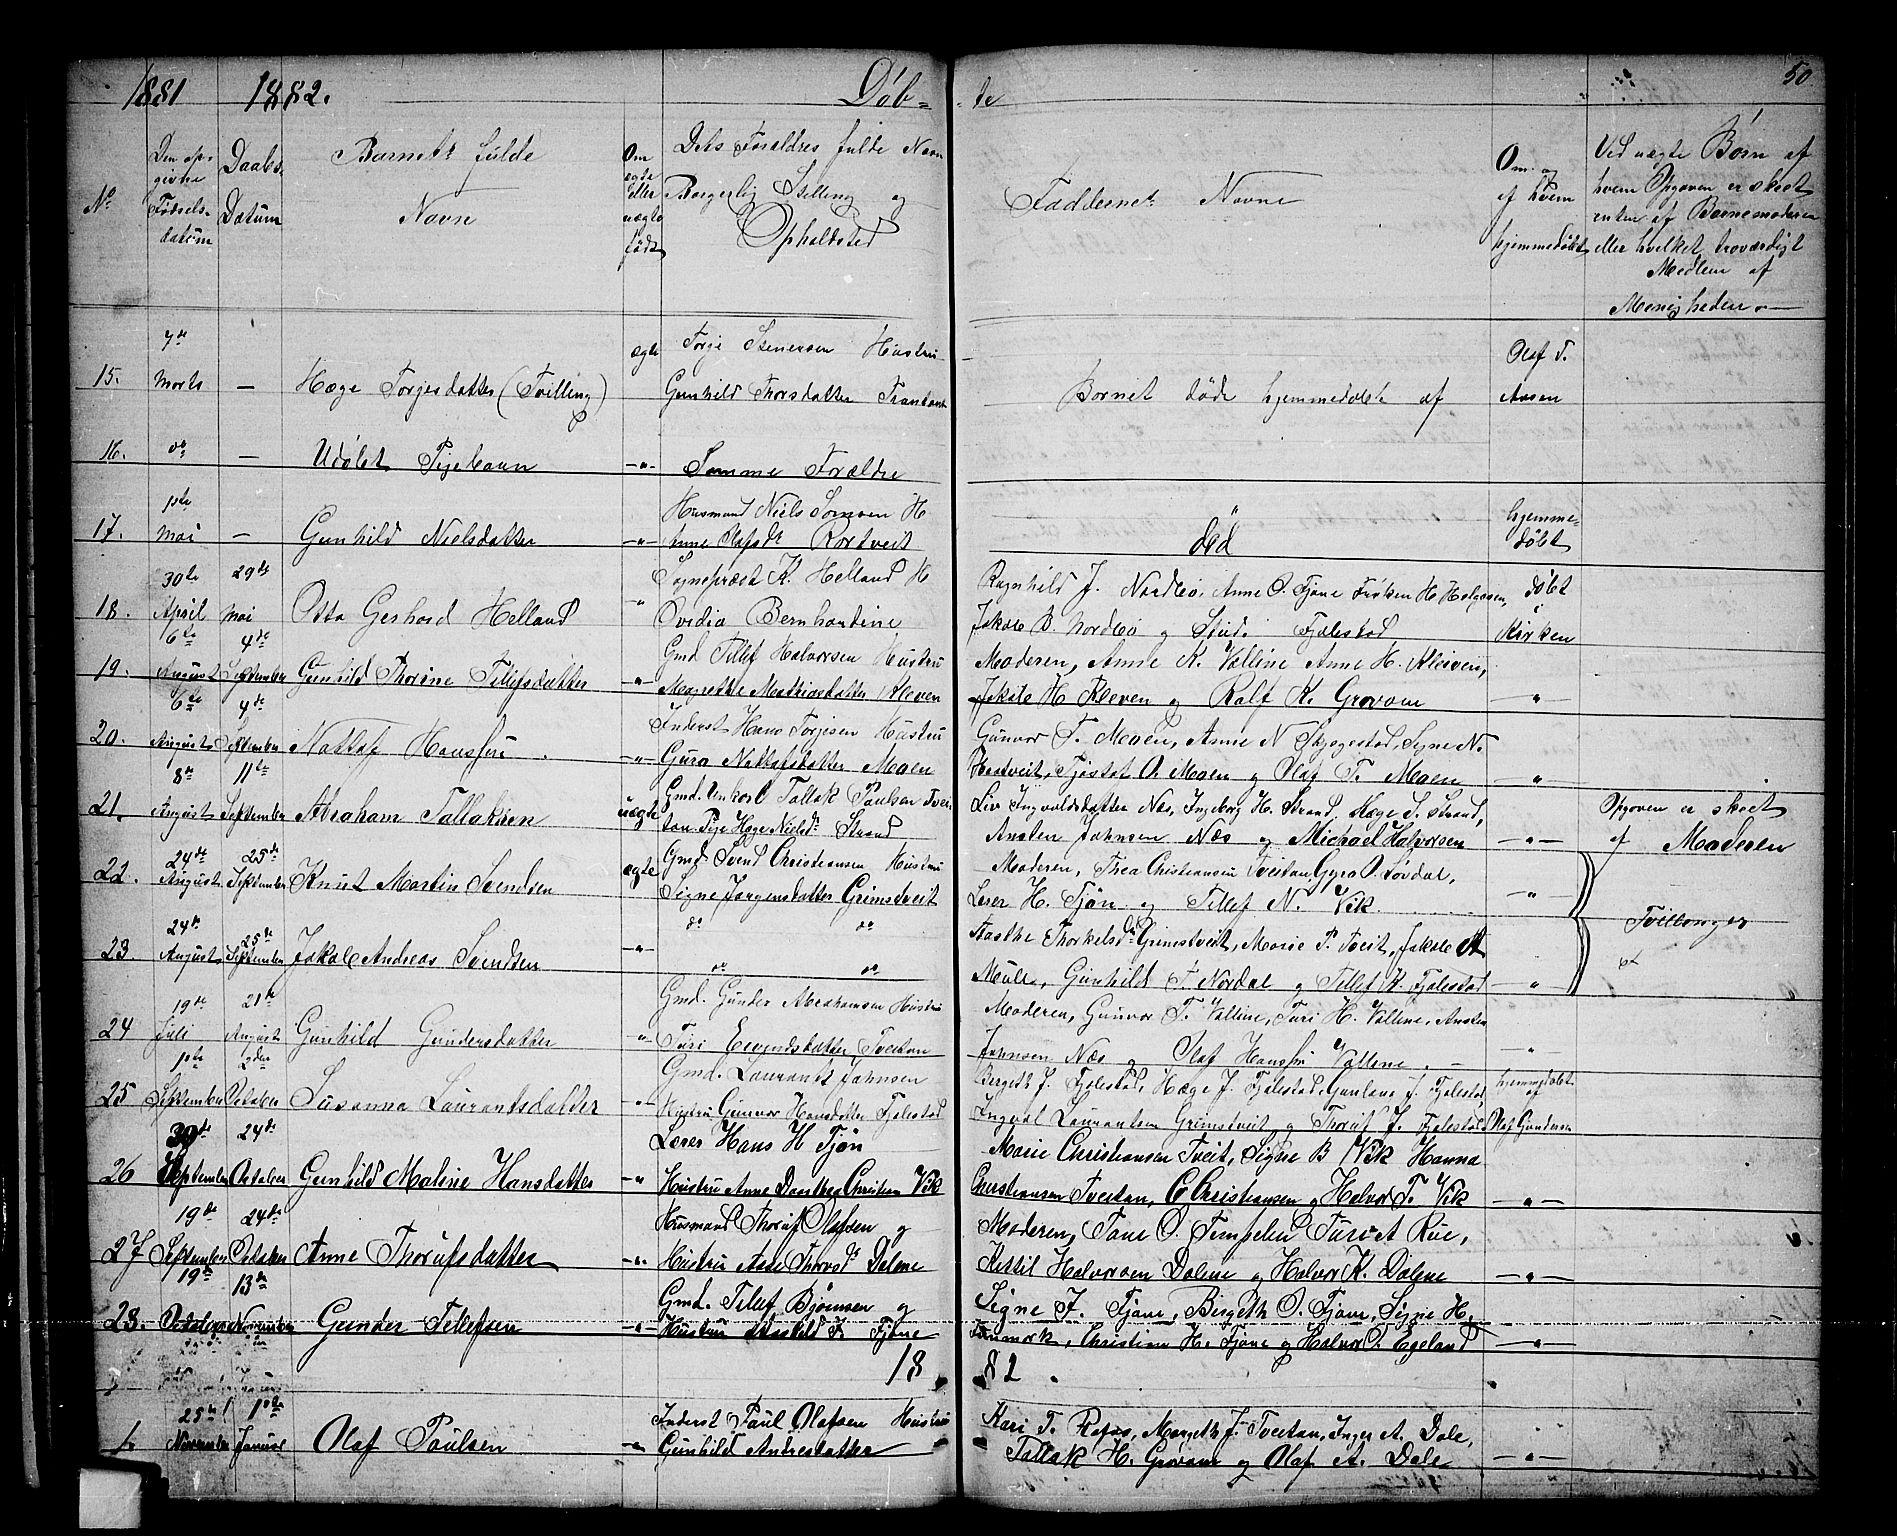 SAKO, Nissedal kirkebøker, G/Ga/L0002: Klokkerbok nr. I 2, 1861-1887, s. 50